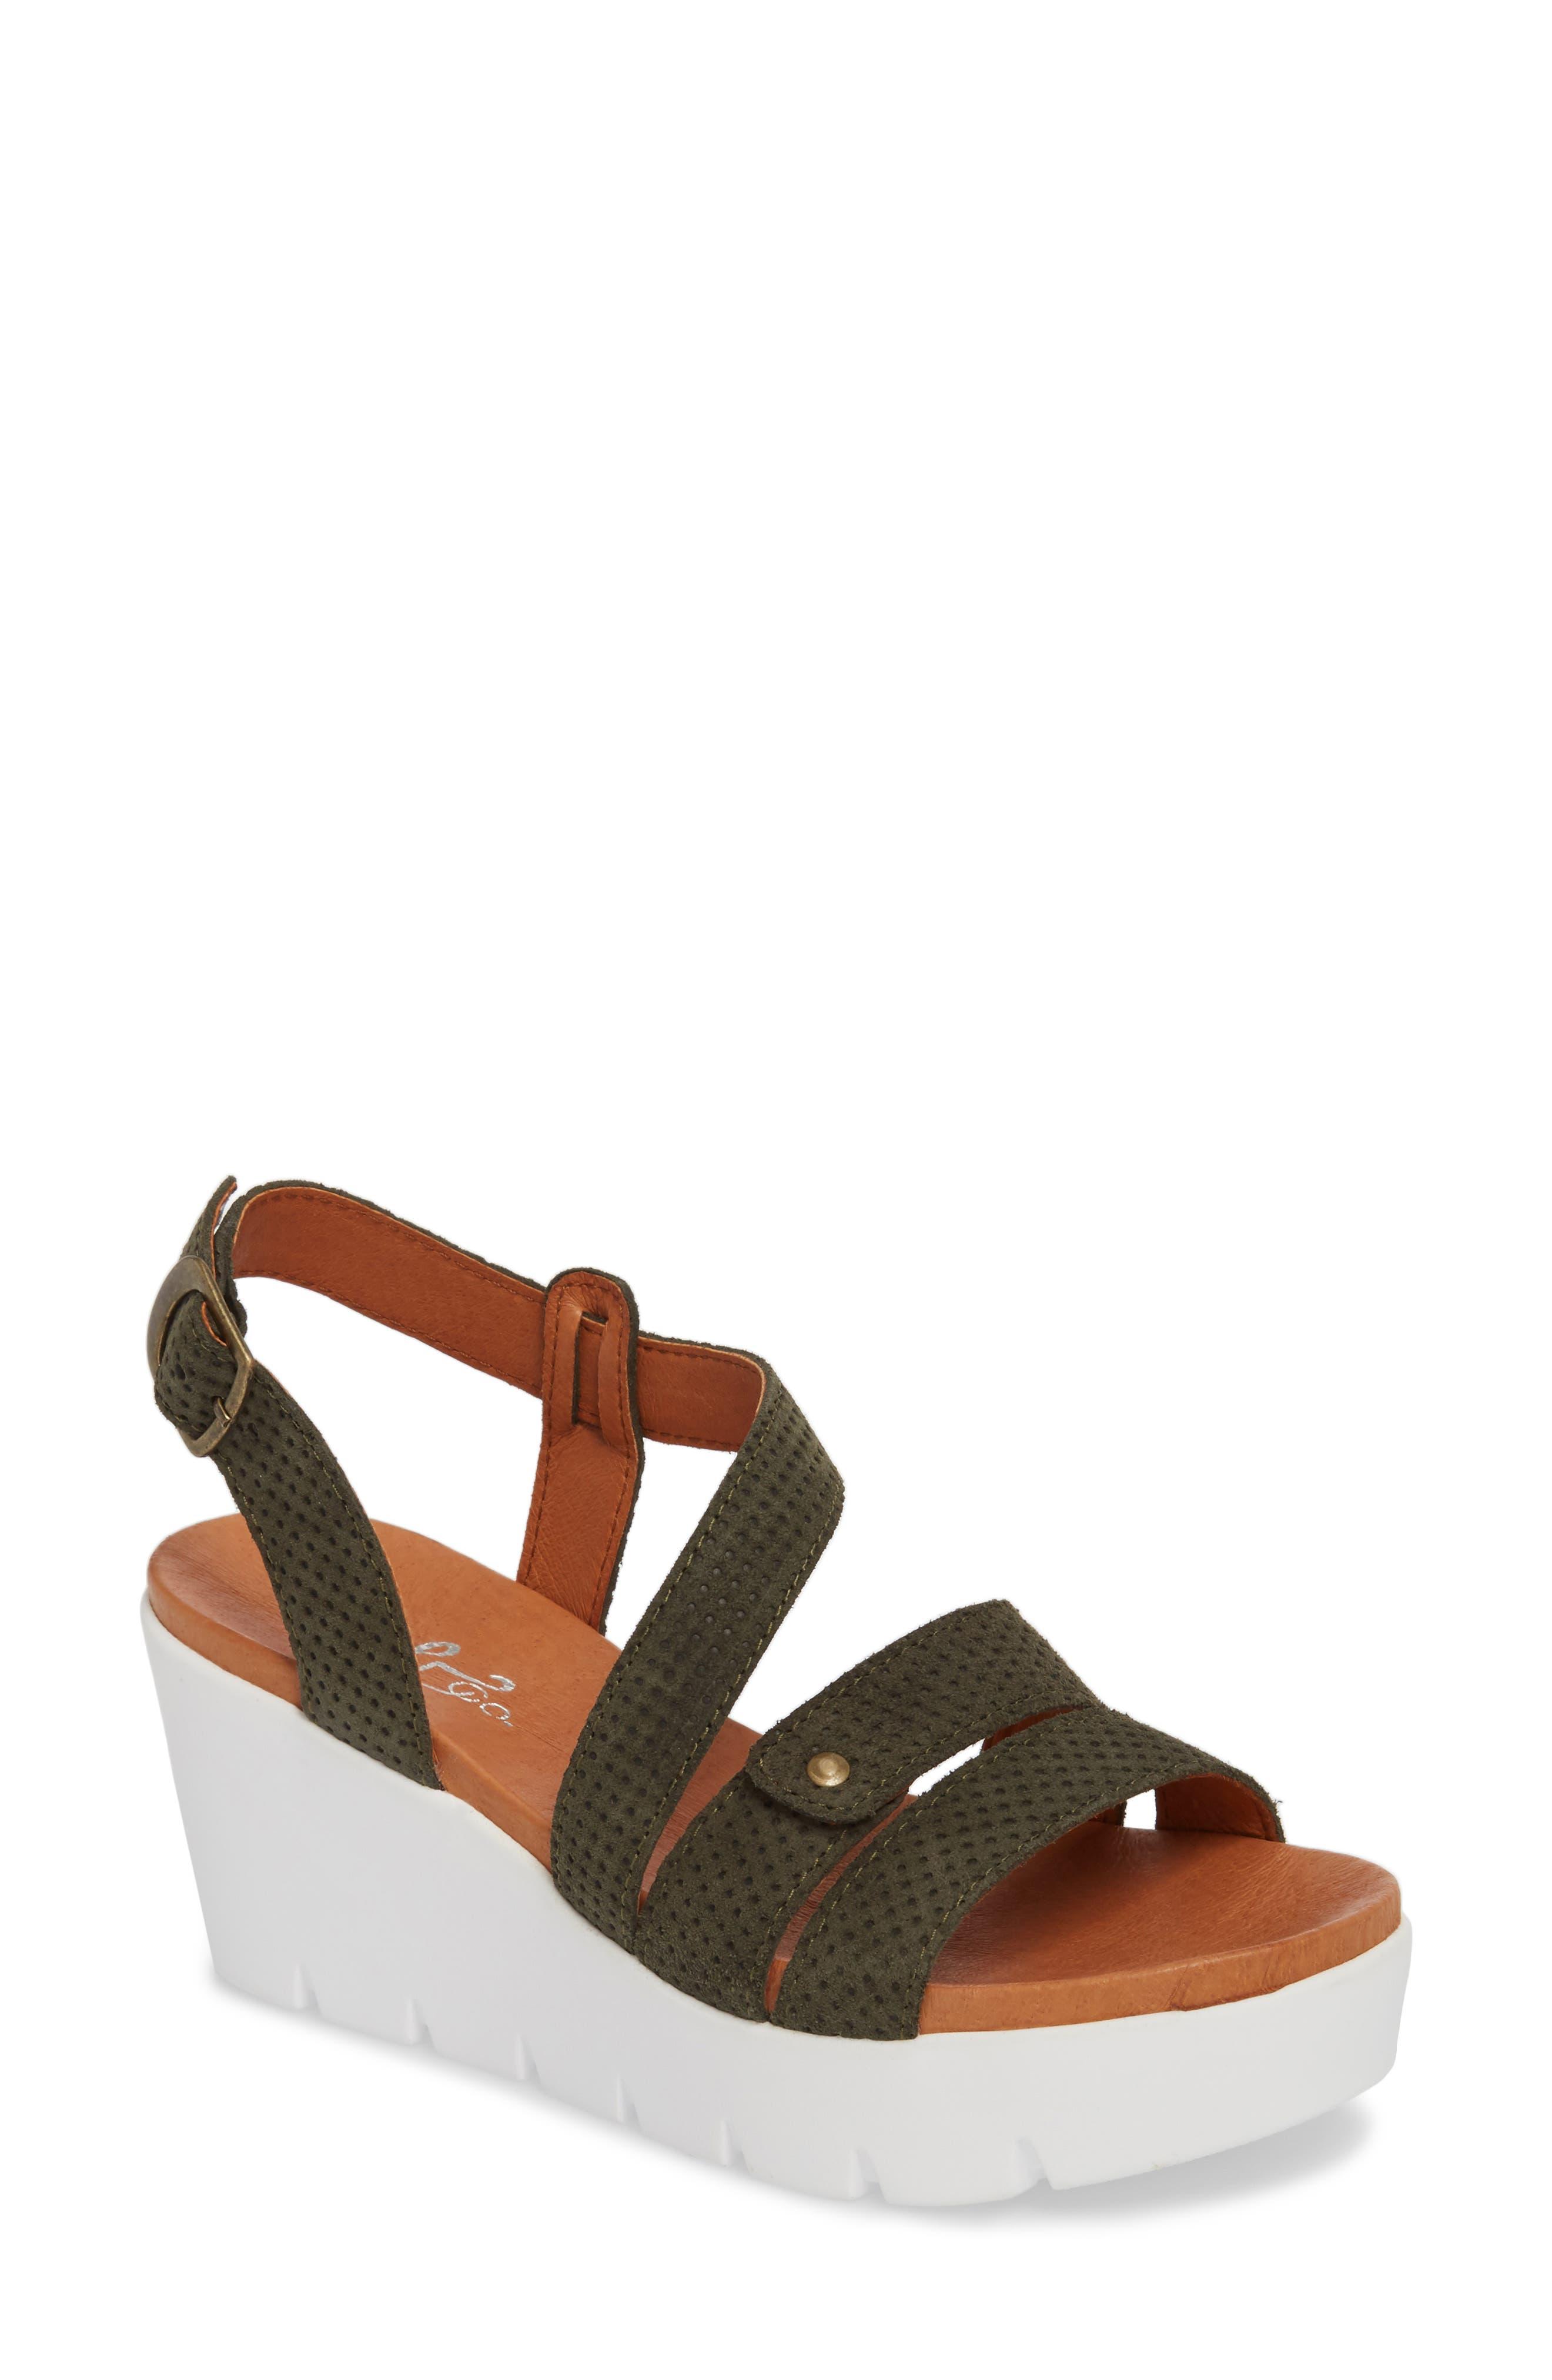 Bos. & Co. Sierra Platform Wedge Sandal, Green